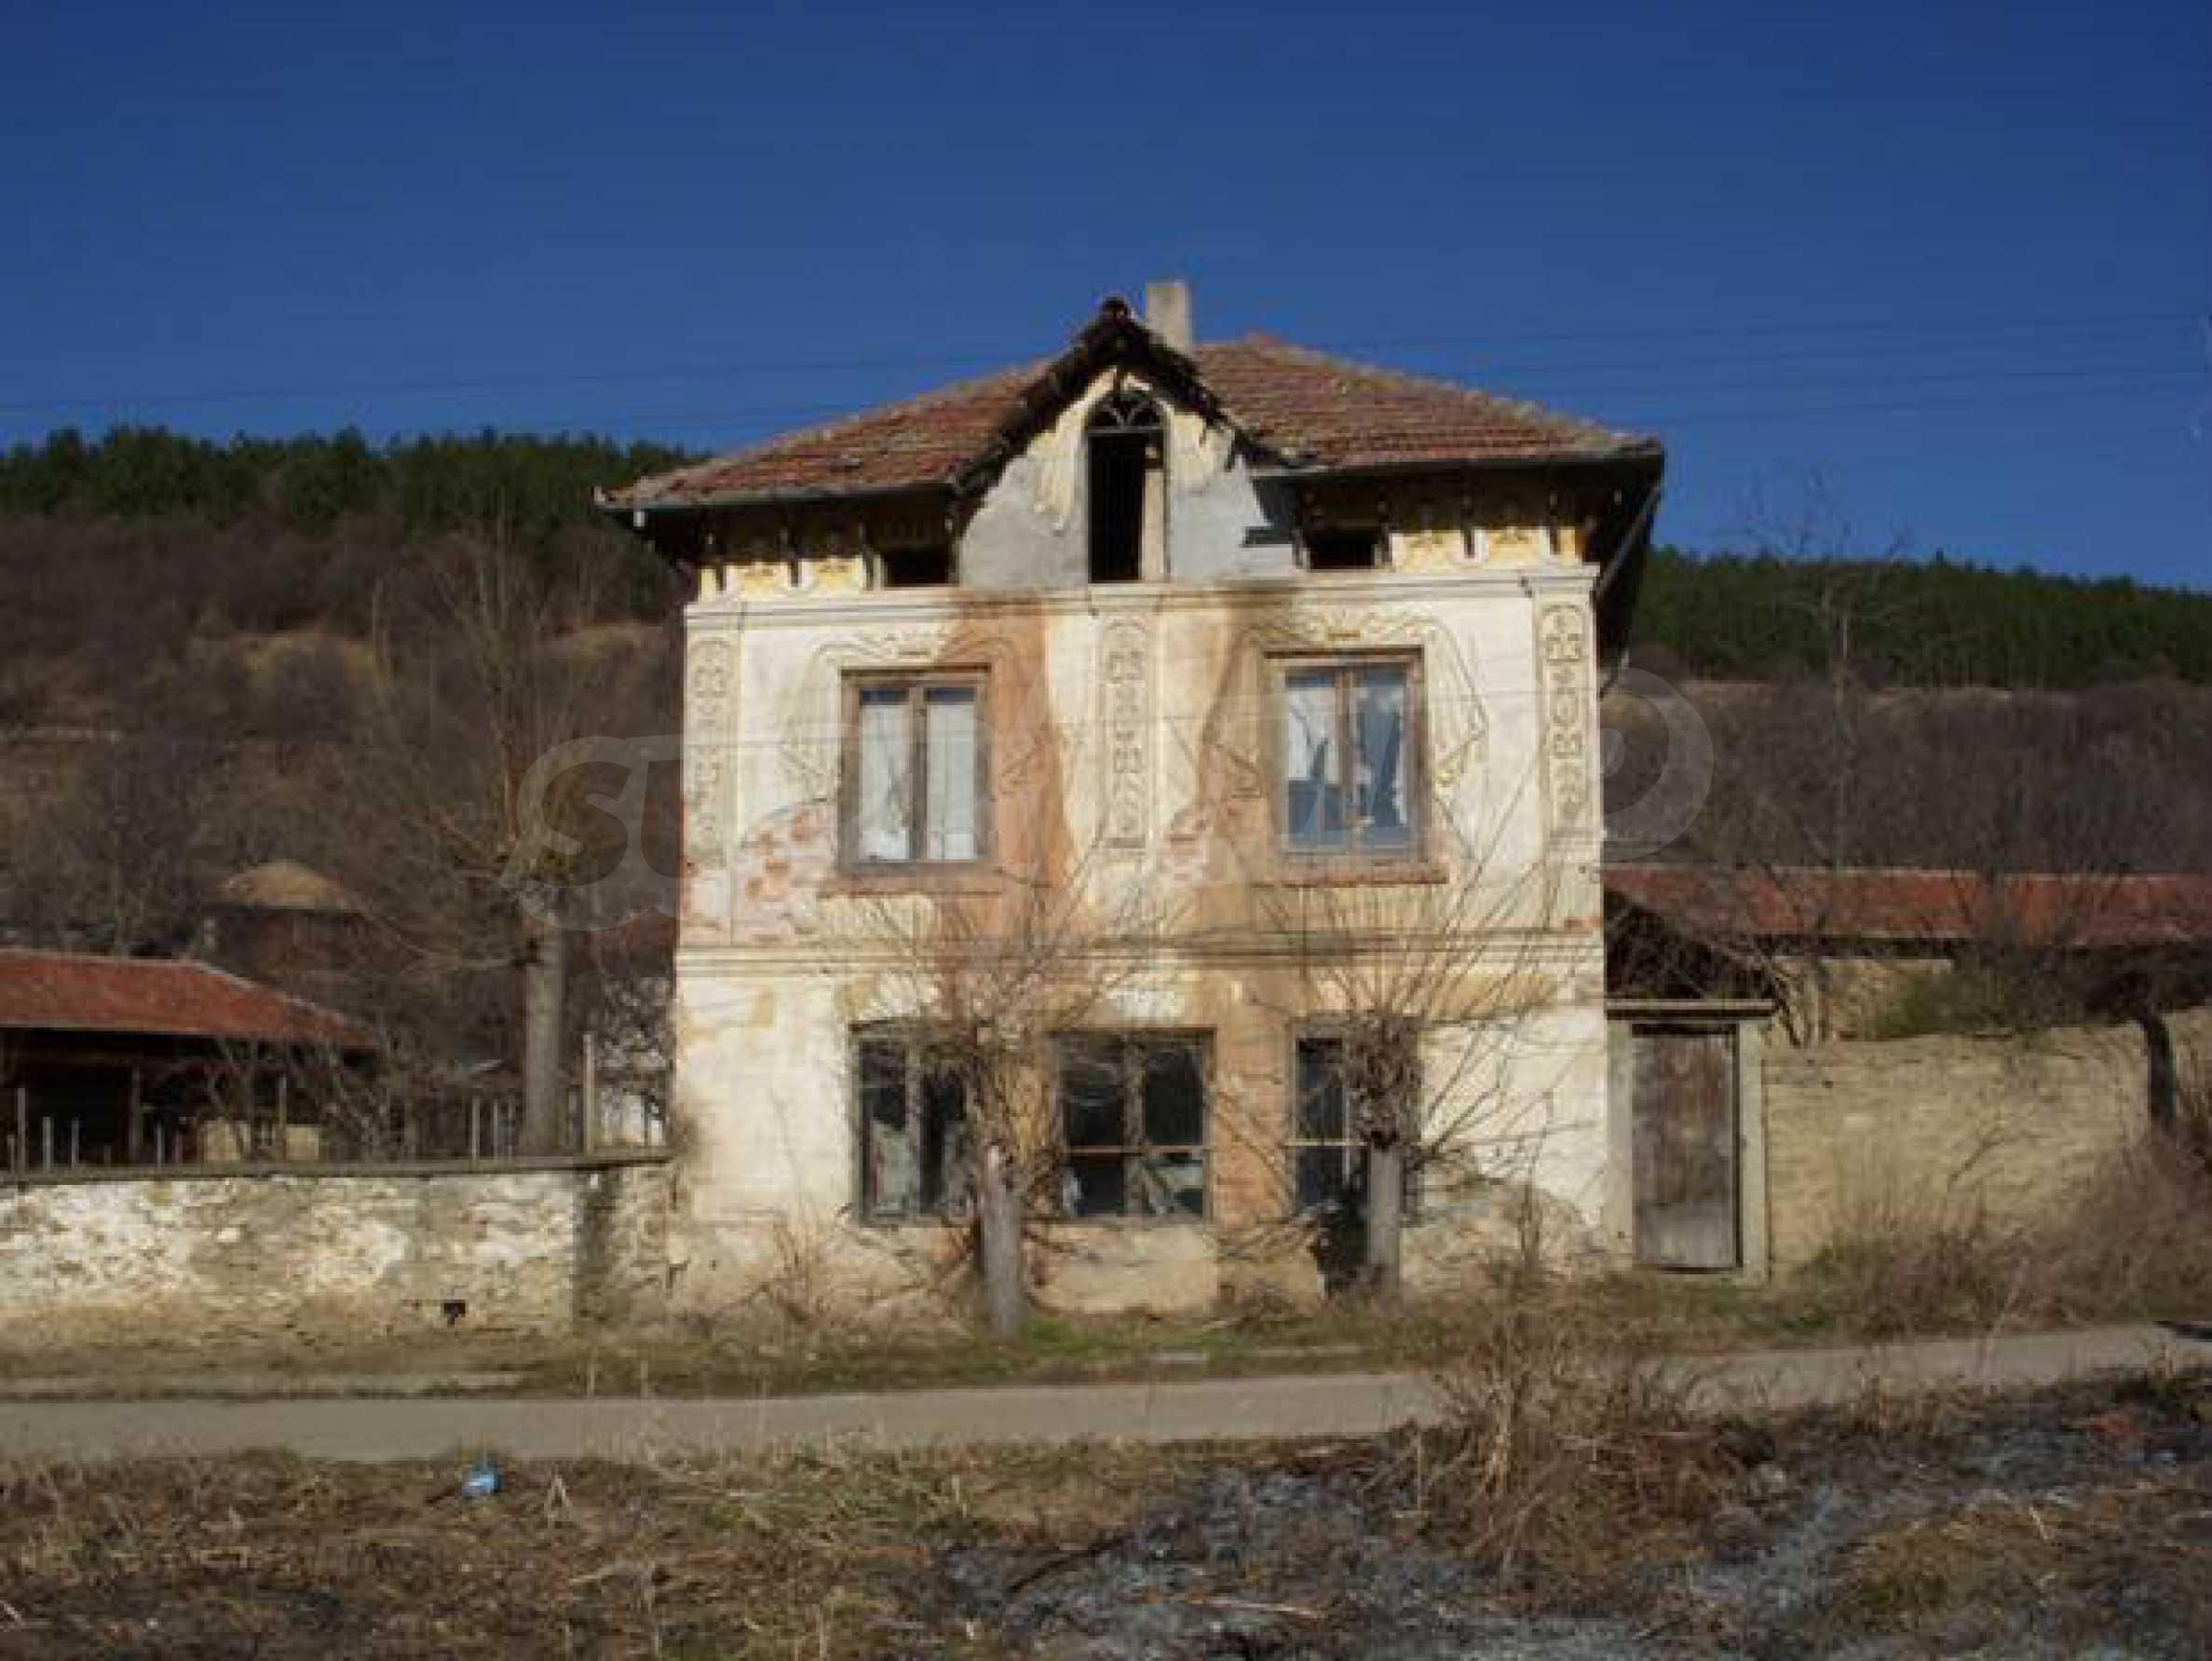 Geräumiges Haus mit einem ehemaligen Weinkeller zur Renovierung in der Nähe der Stadt Pavlikeni